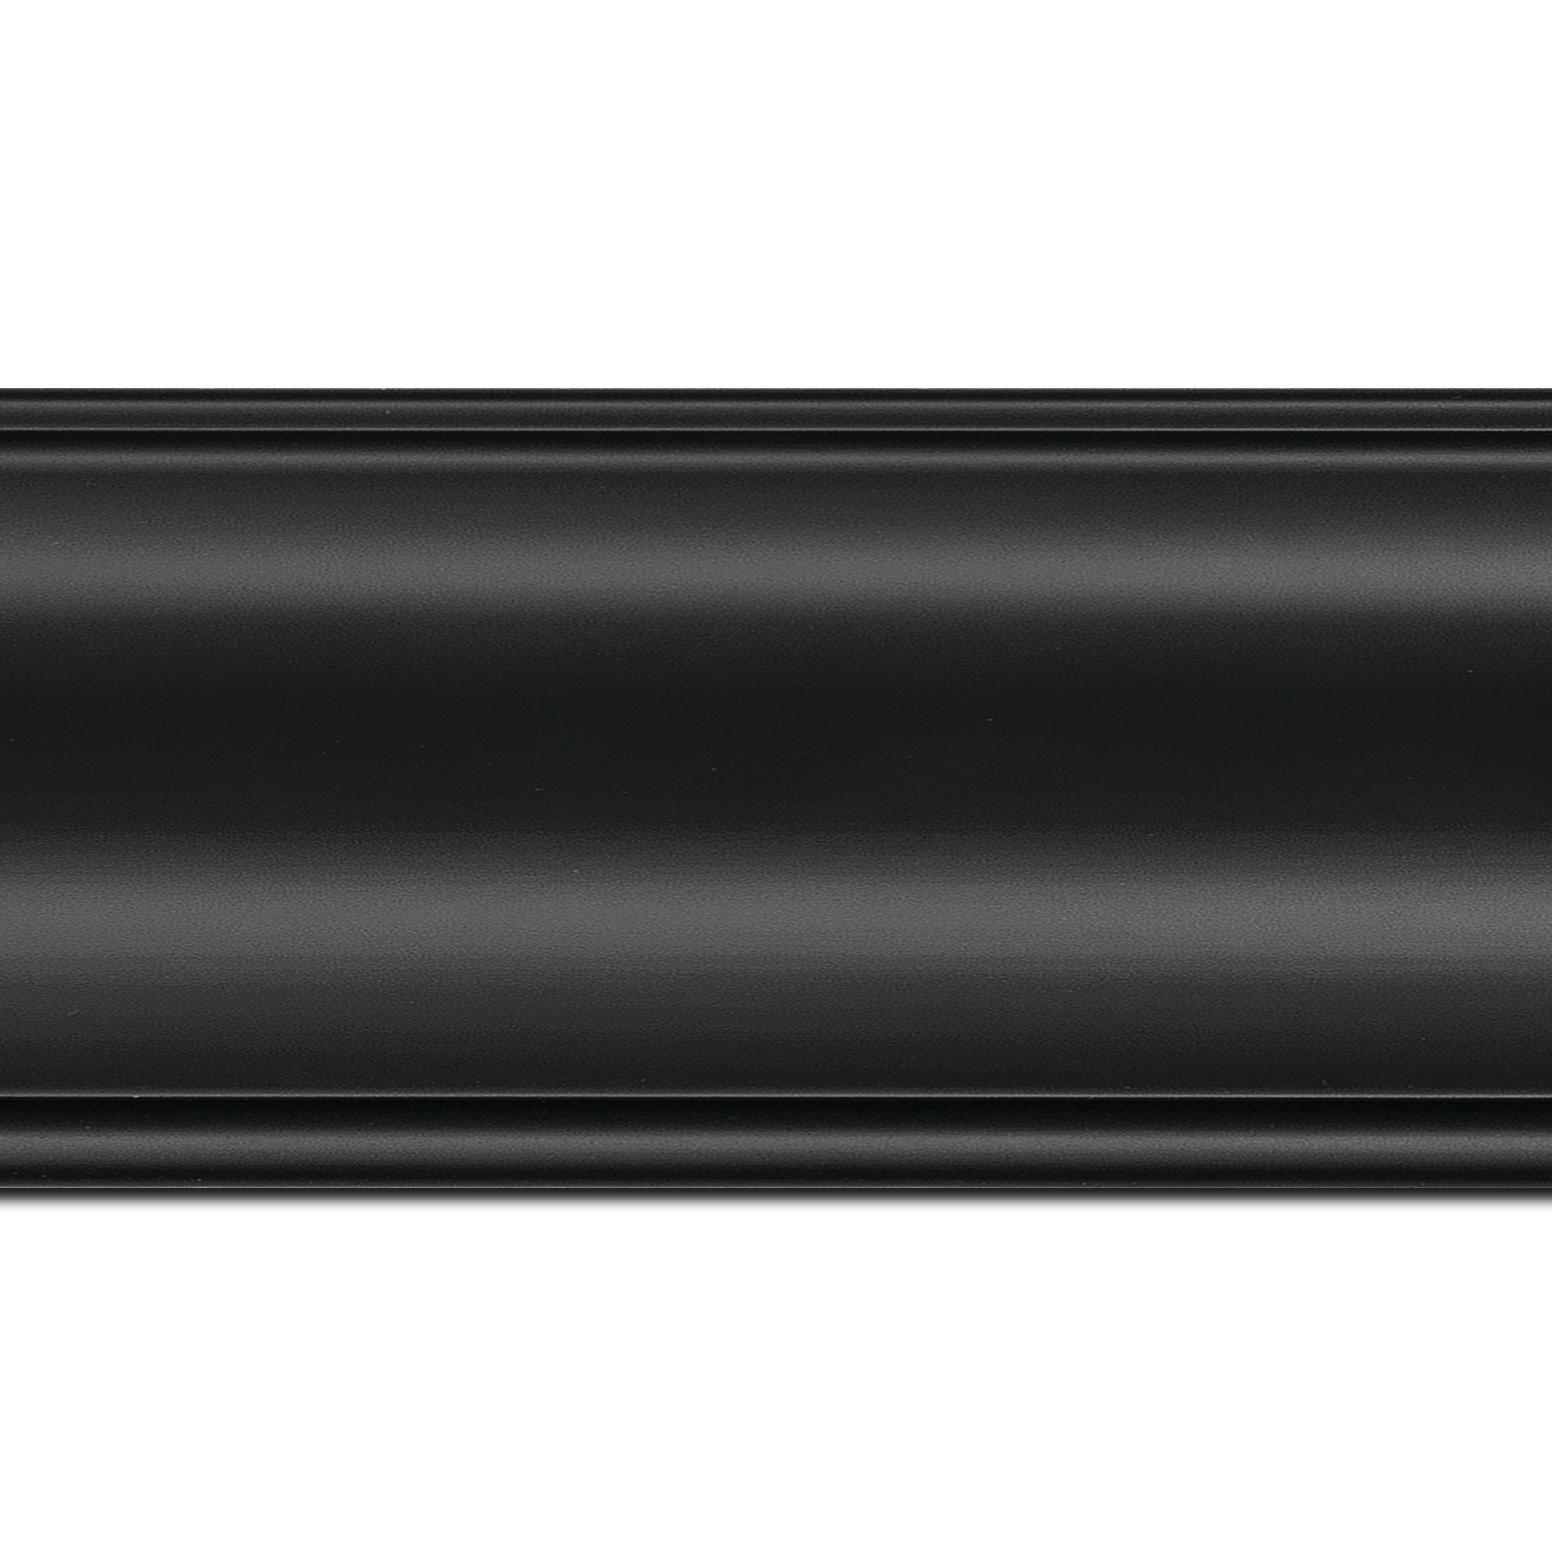 Baguette longueur 1.40m bois profil inversé largeur 9.1cm couleur noir satiné